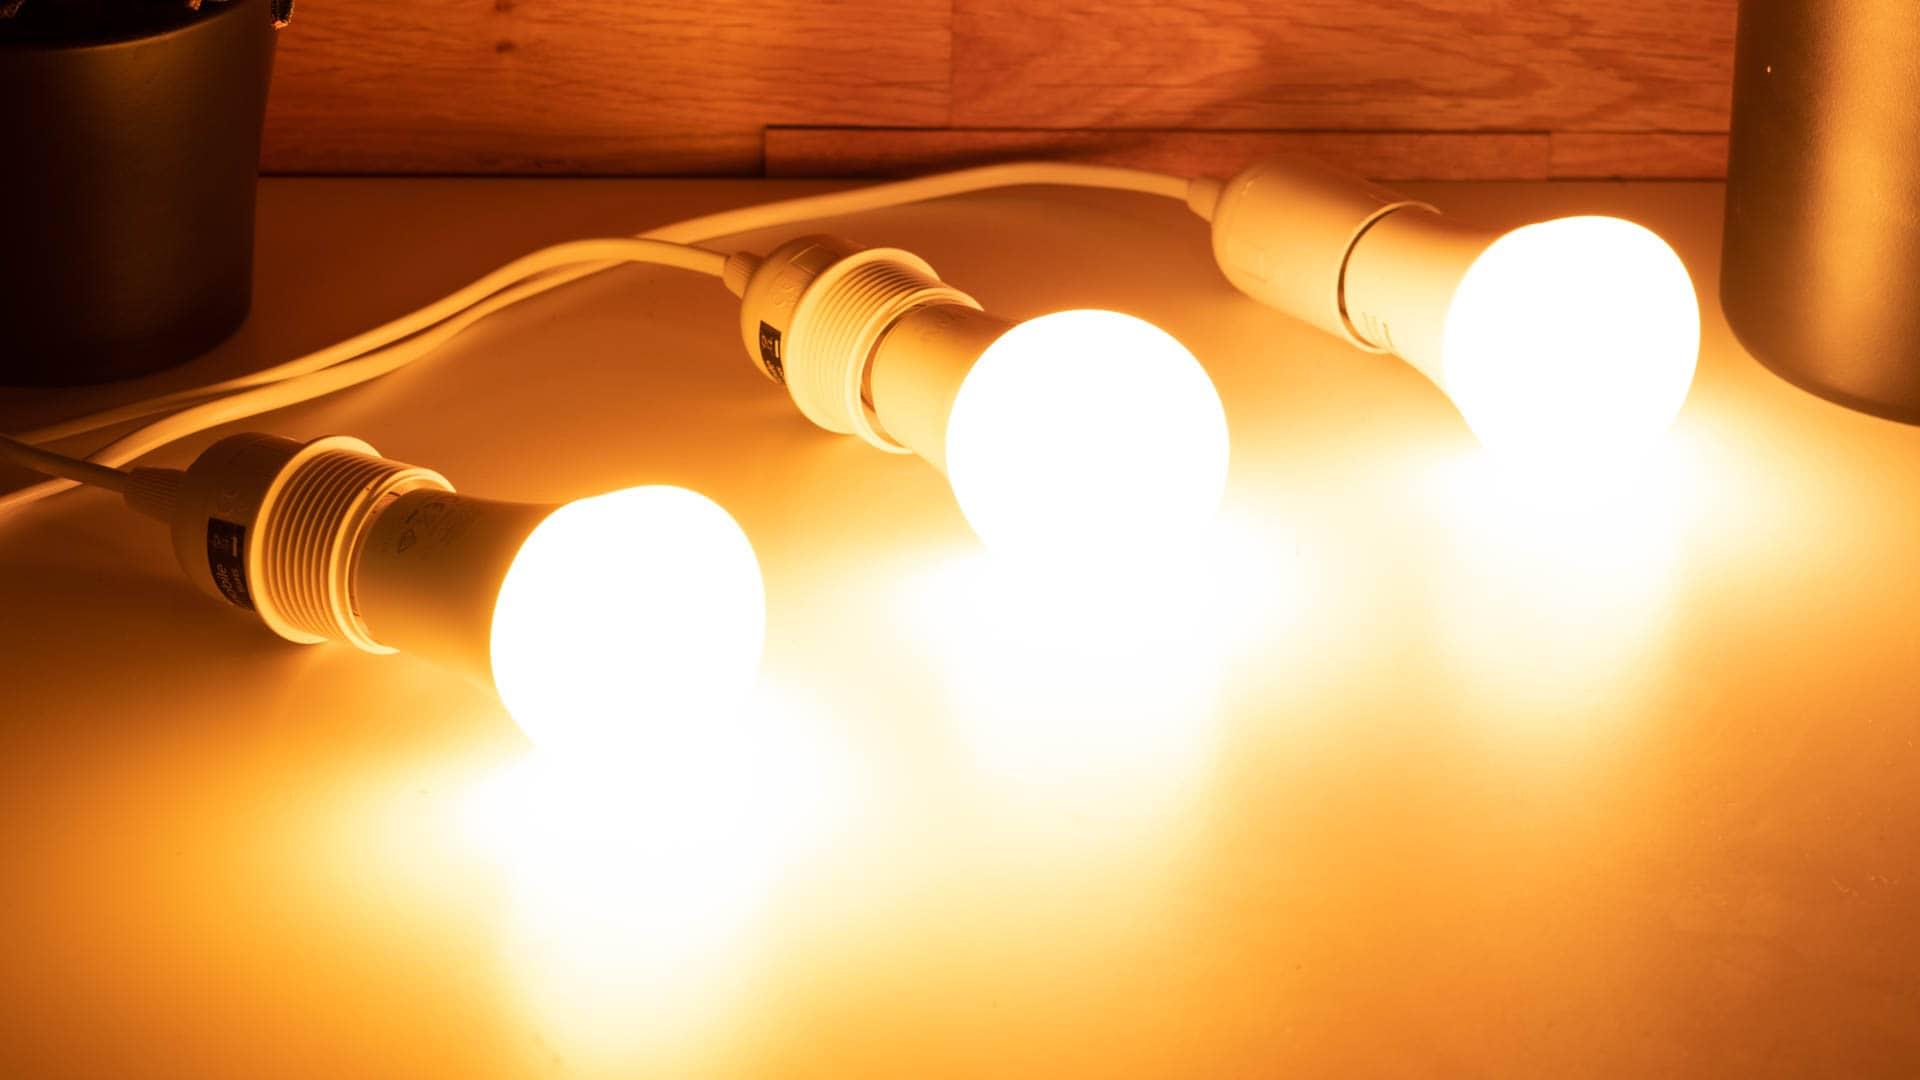 Die Neue Innr E27 Smart Led Lampe Rb 285c Im Test Weiterhin Die